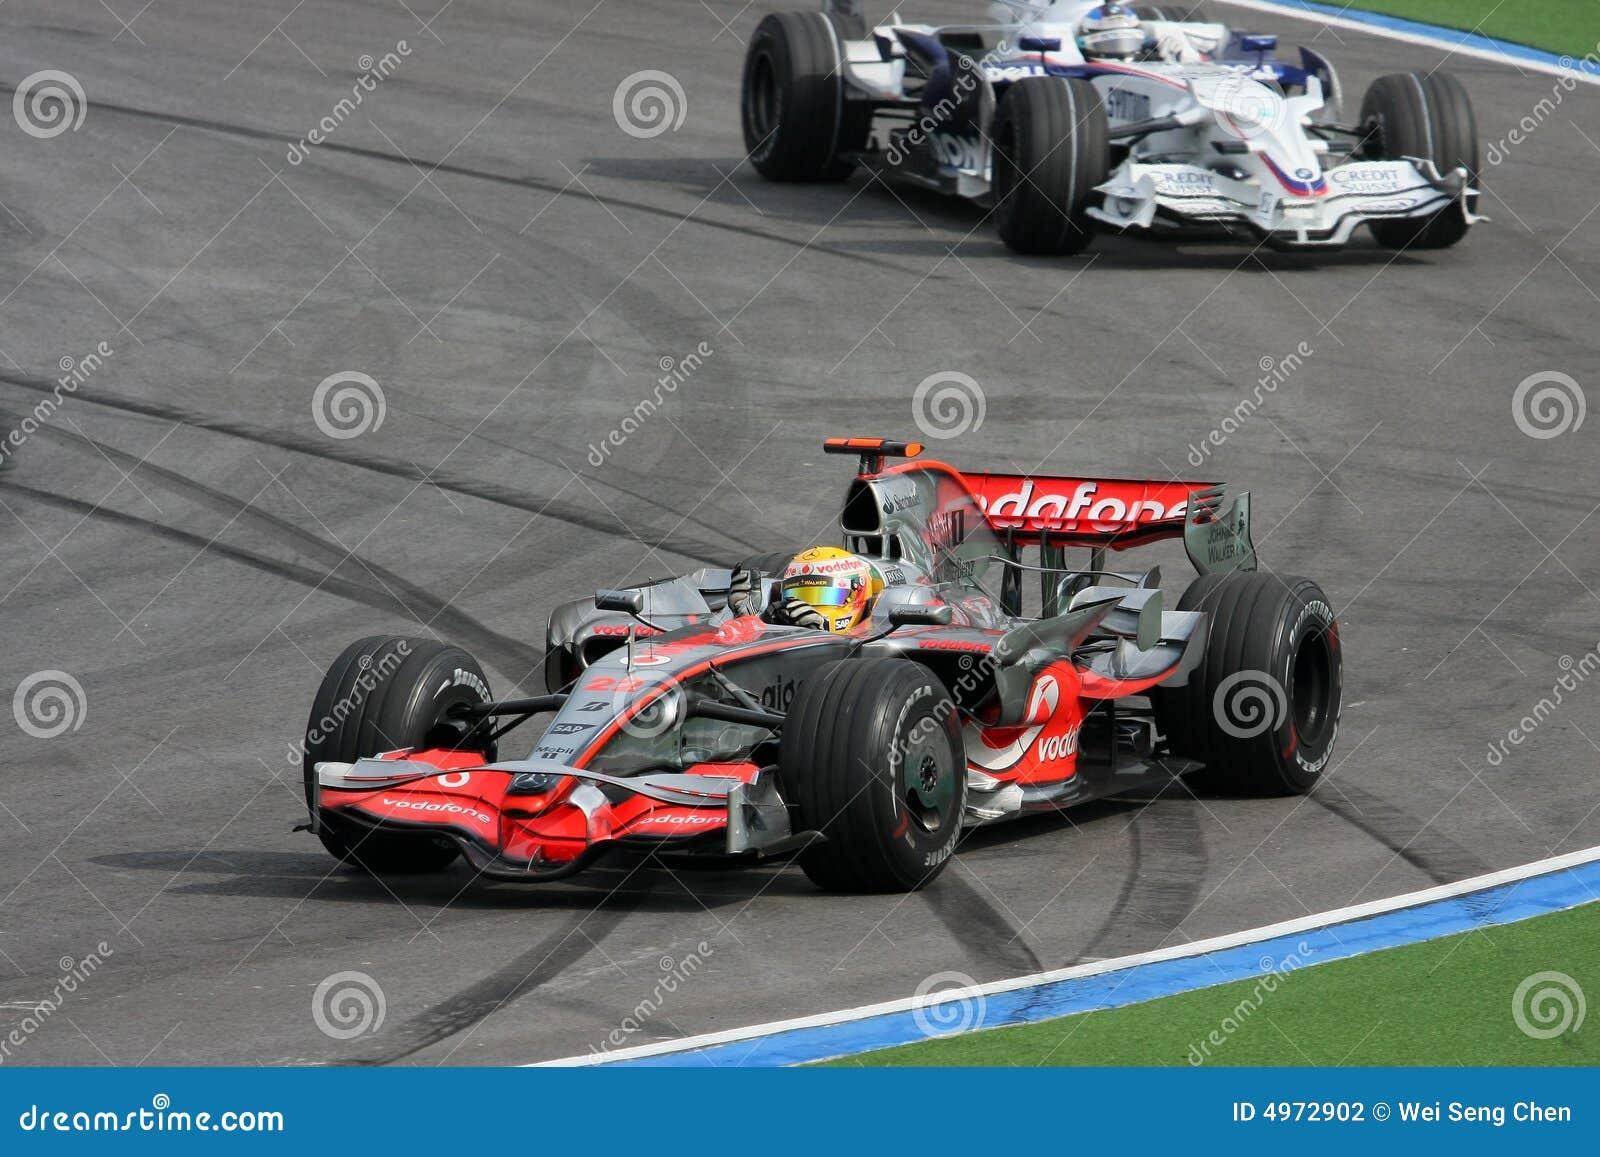 2008 maintenance of sepang f1 international Sepang international circuitin on suunnitellut saksalainen f1-arkkitehti hermann tilkese oli vuosina 1999–2017 formula 1:n malesian gp:n näyttämönä siellä järjestetään myös motogp ja superbike -osakilpailuja, sekä muita suuria moottoriurheilutapahtumia.